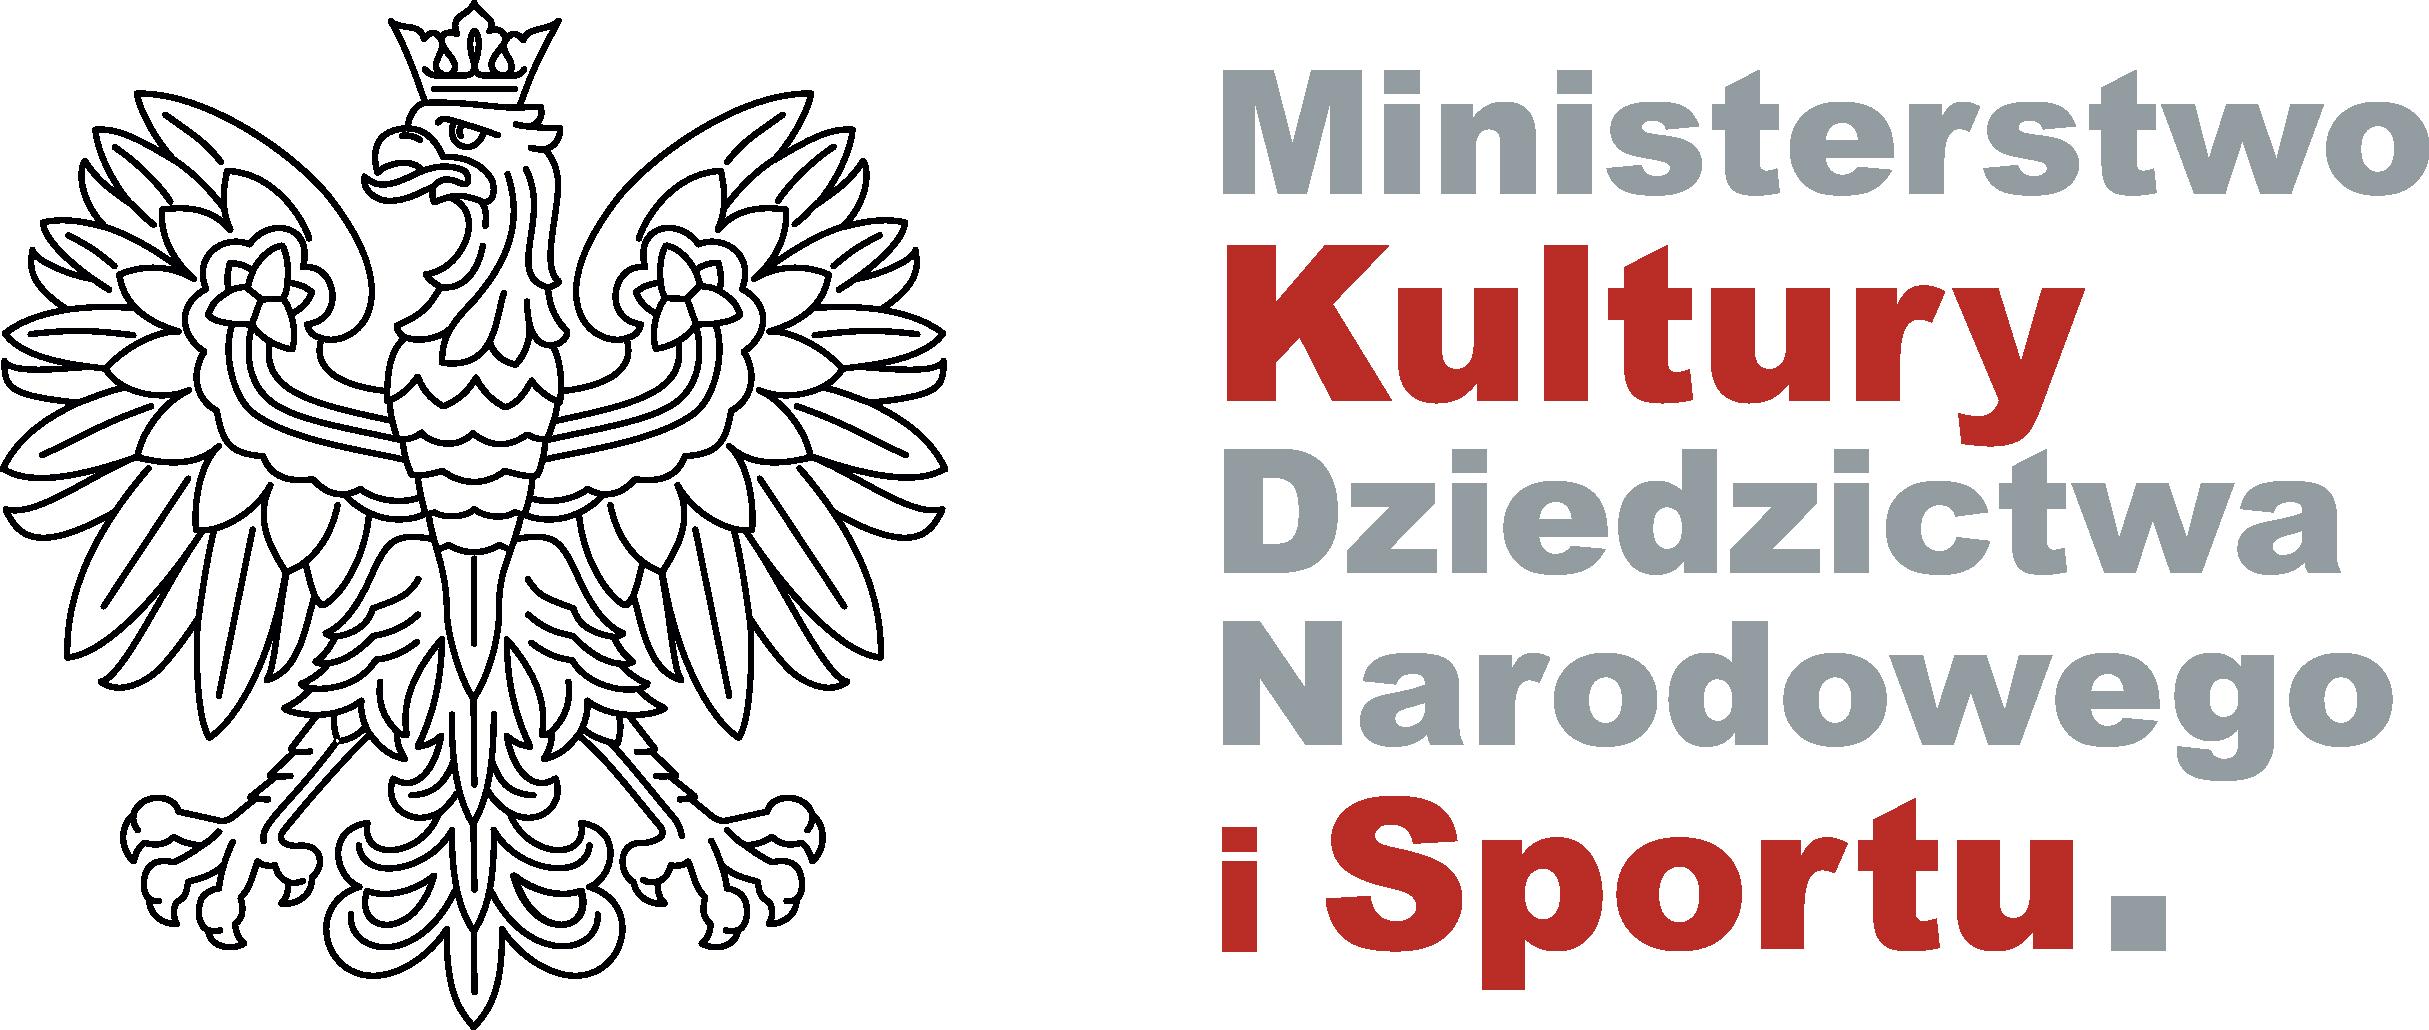 Logotypy - Ministerstwo Kultury, Dziedzictwa Narodowego i Sportu - Portal  Gov.pl